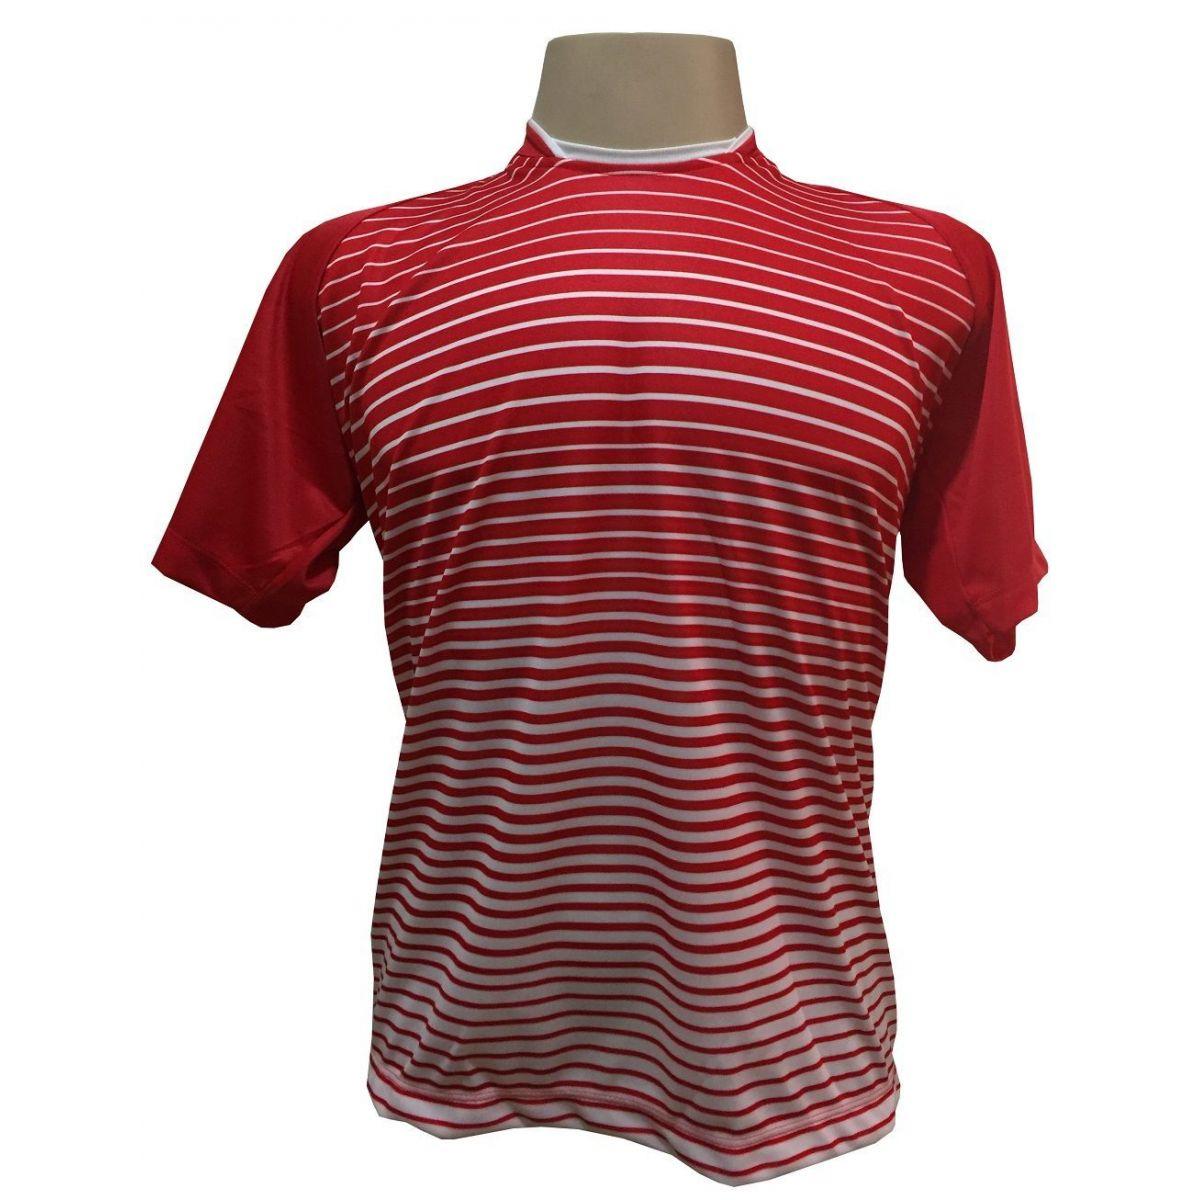 Uniforme Esportivo com 12 camisas modelo City Vermelho/Branco + 12 calções modelo Copa + 1 Goleiro + Brindes